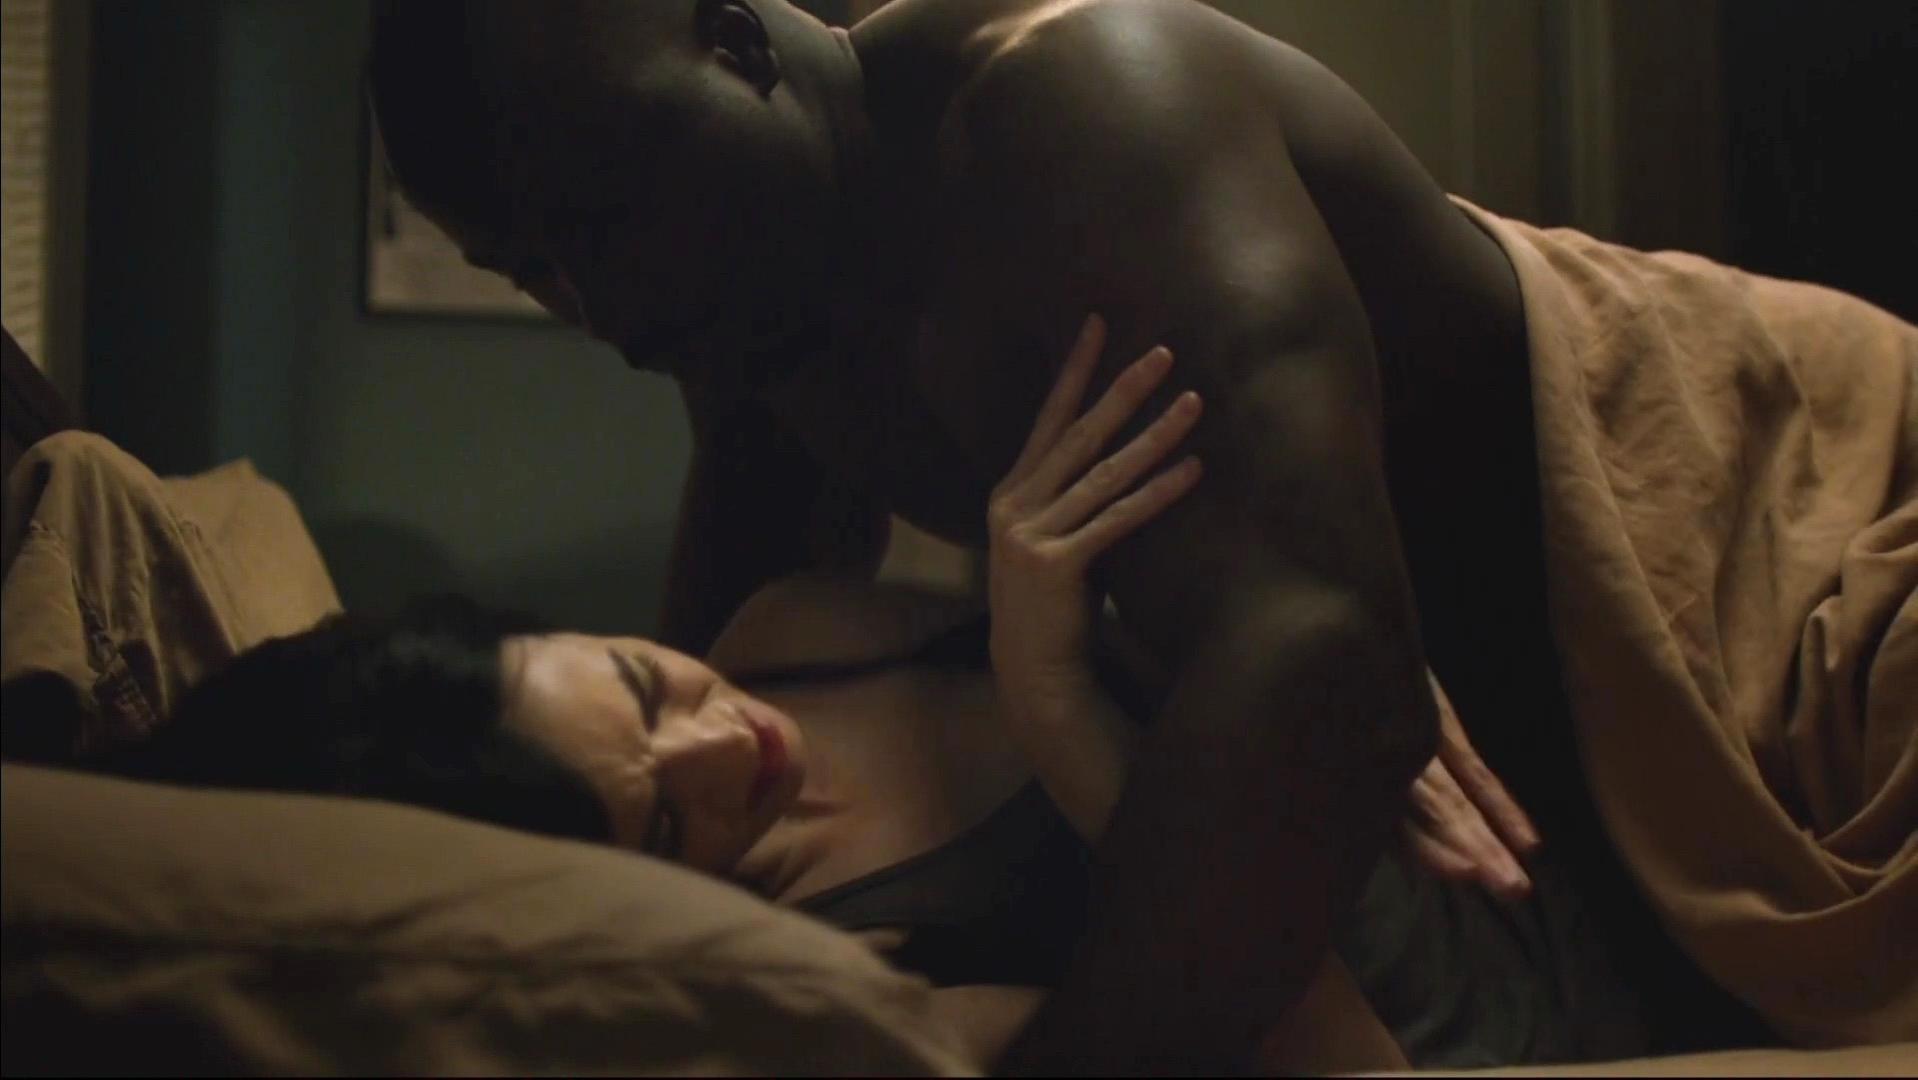 ritter sex